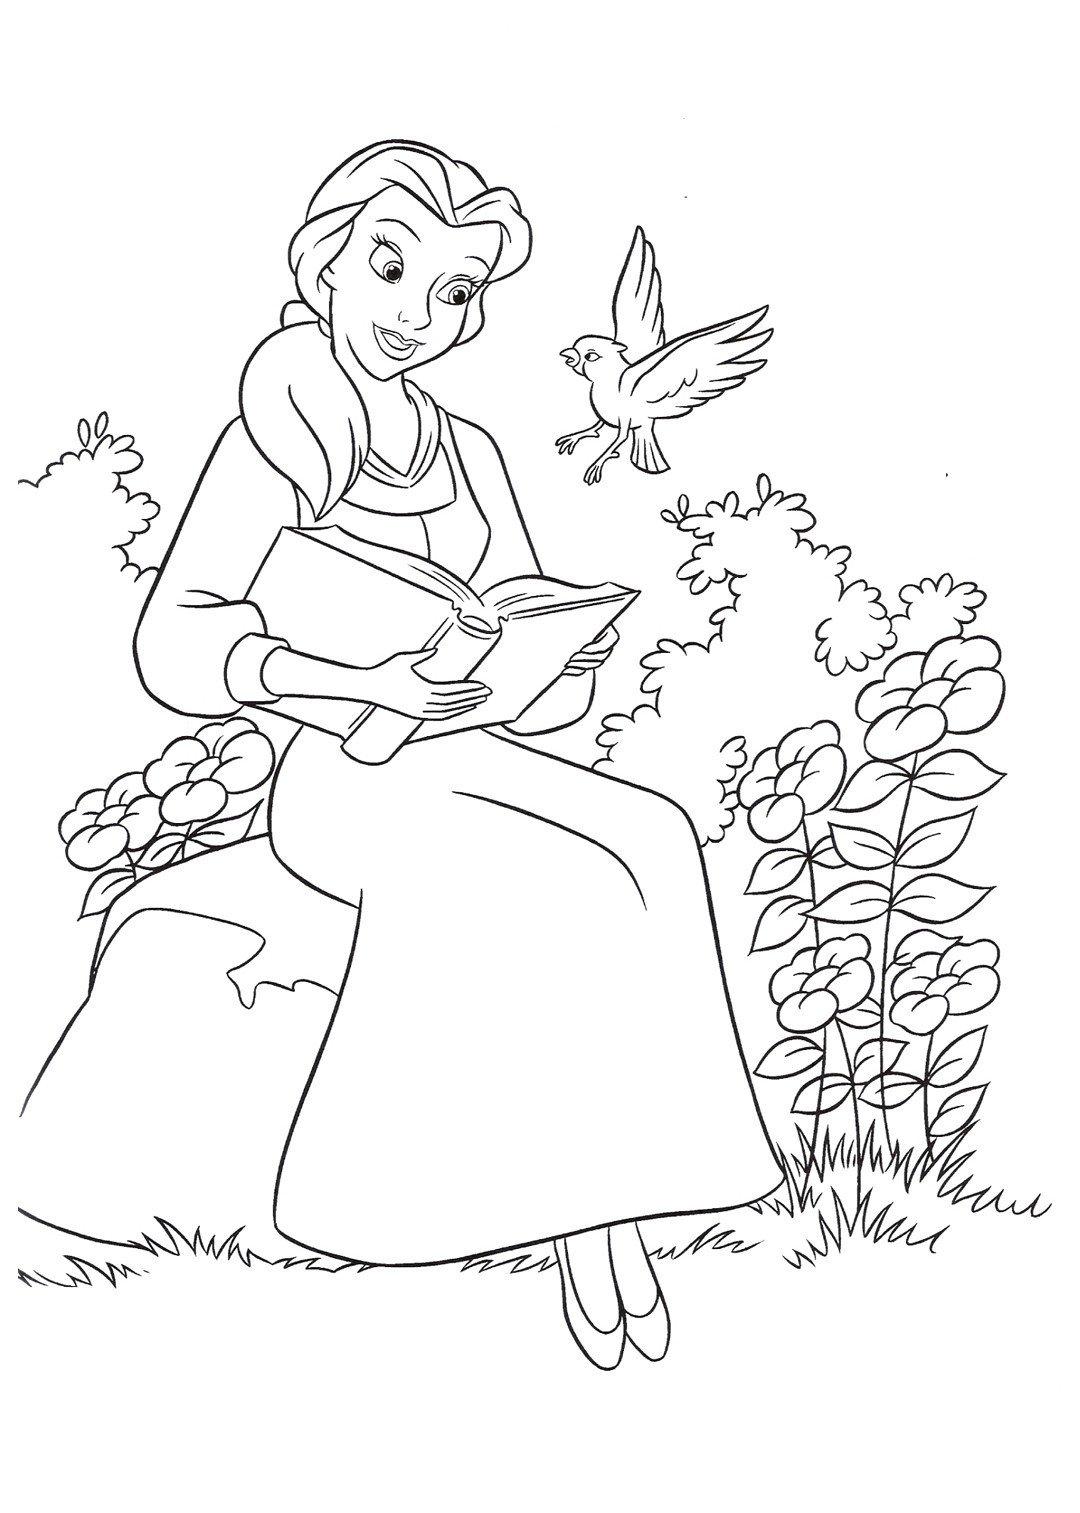 Принцесса и волшебная птичка - Картинка для раскрашивания красками-гуашью